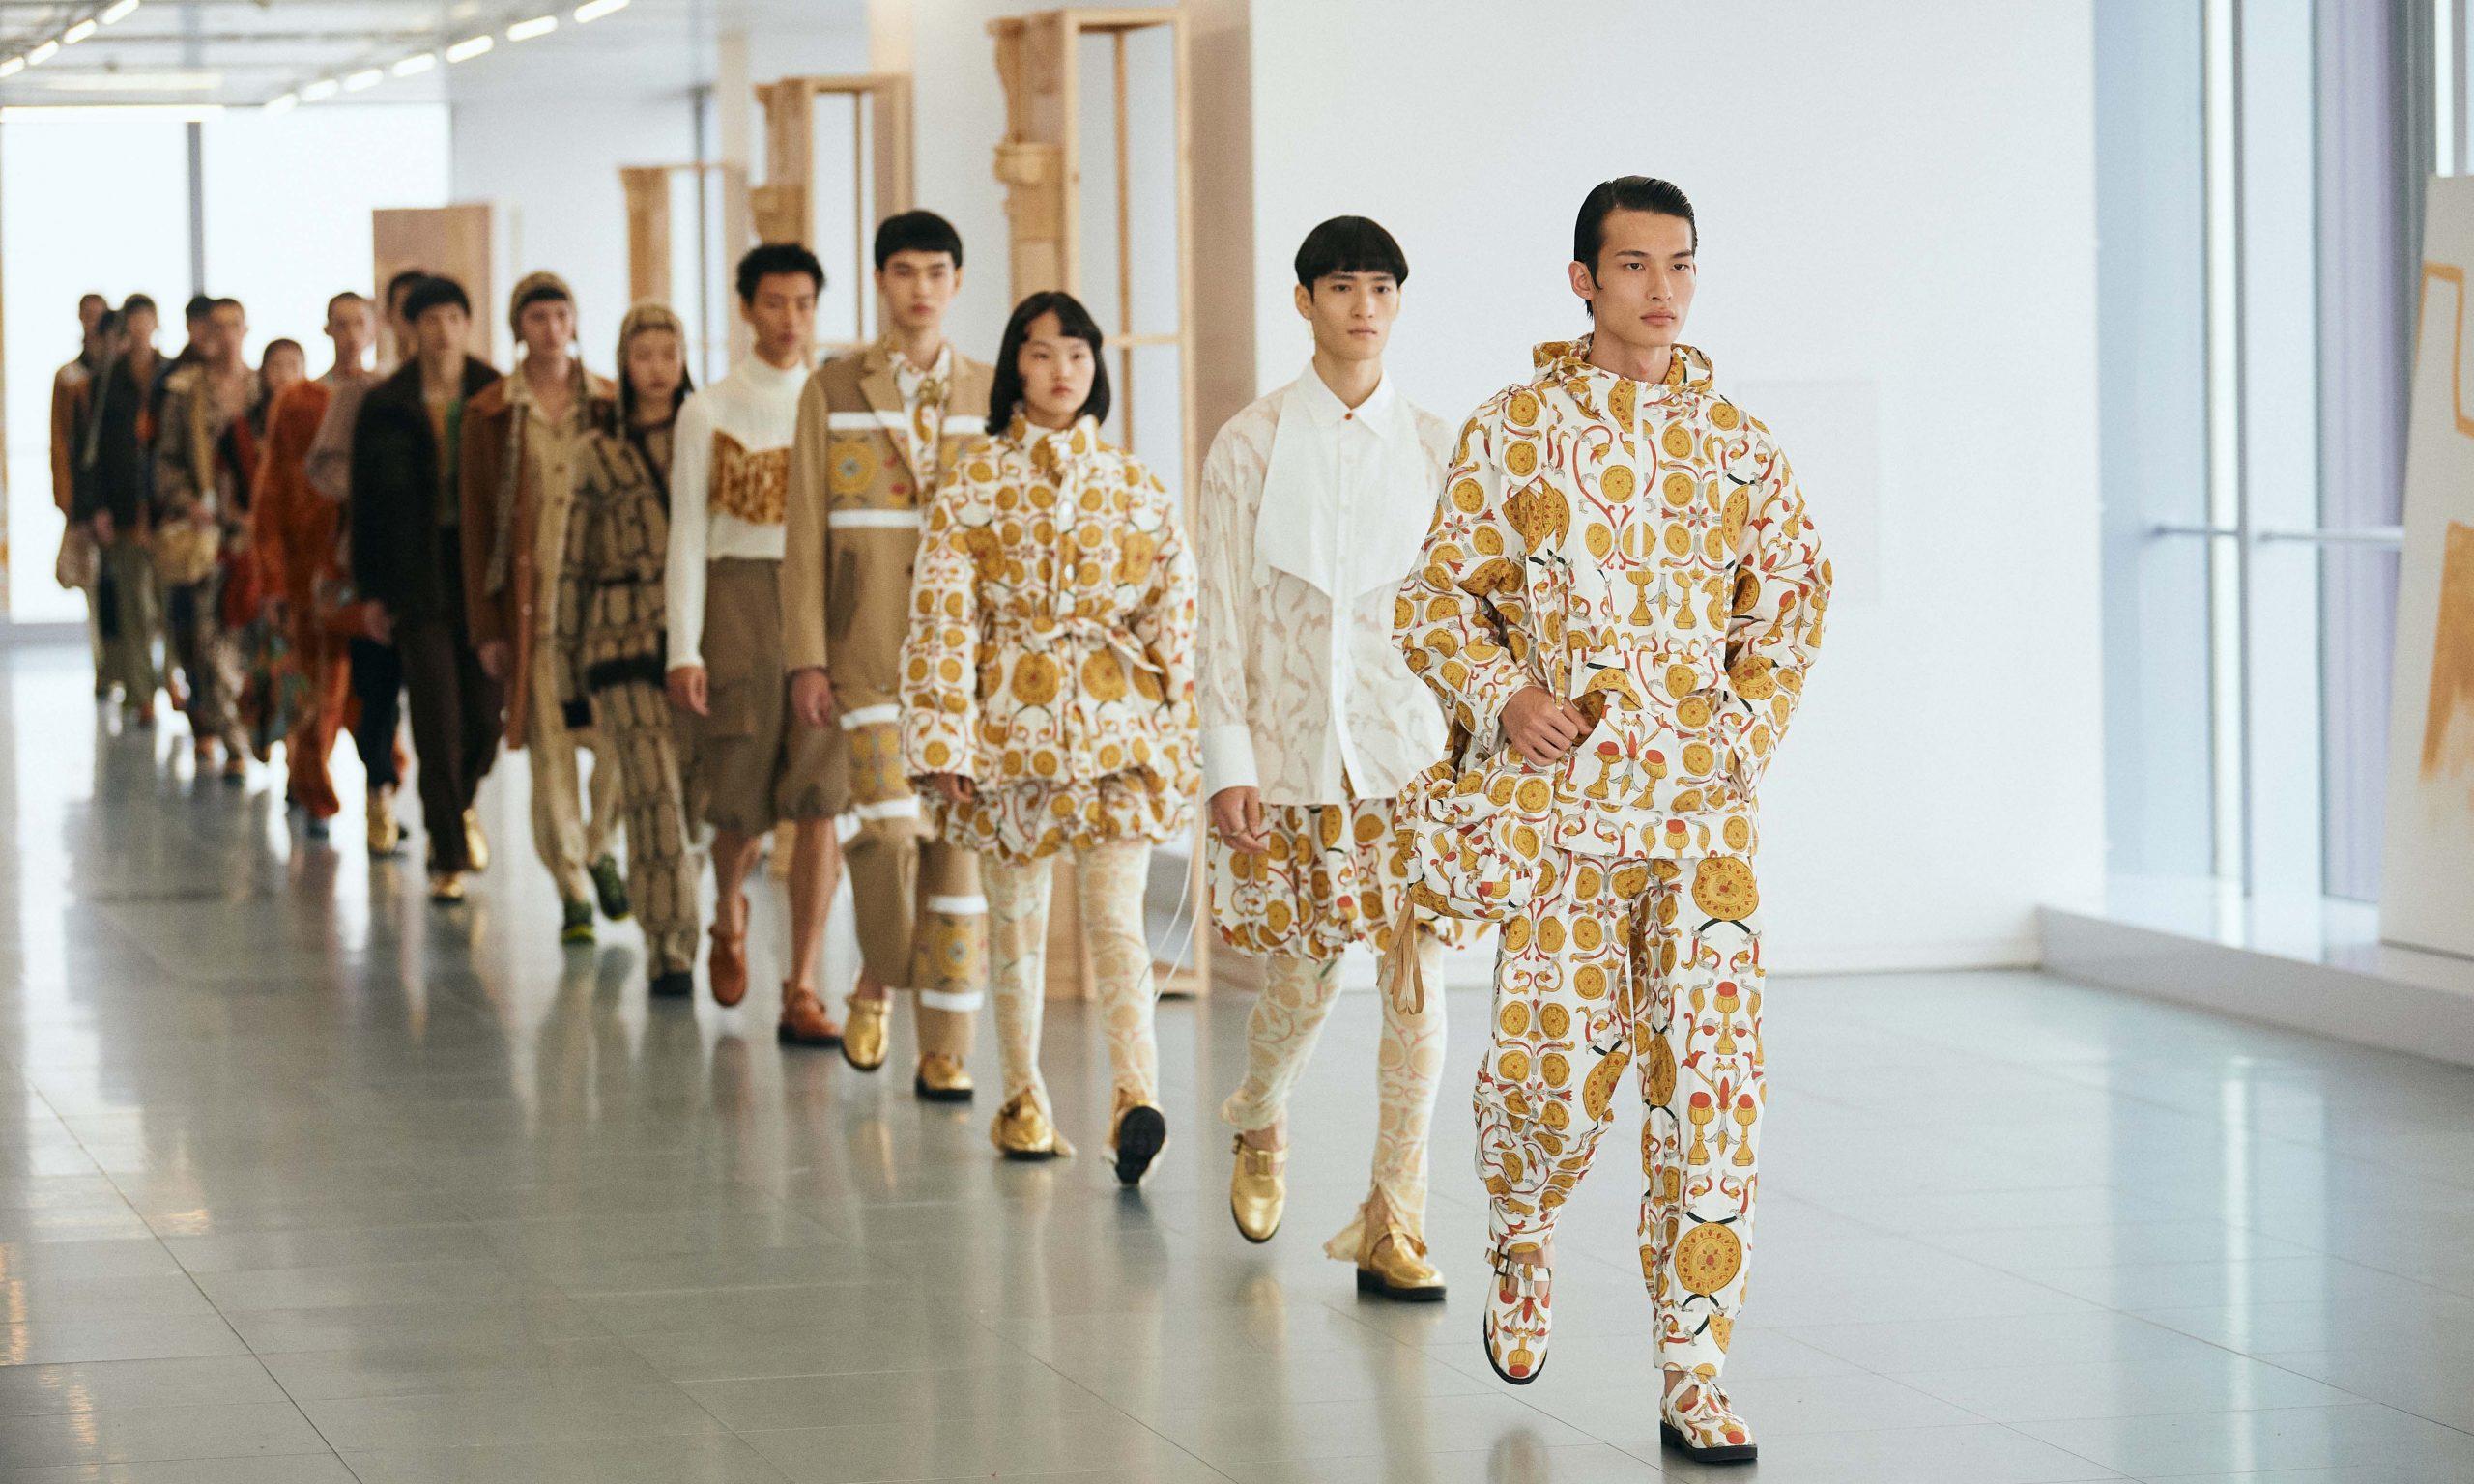 通过时装,GARÇON BY GARÇON 将「公元前 5 世纪的古典文化」带到了今天